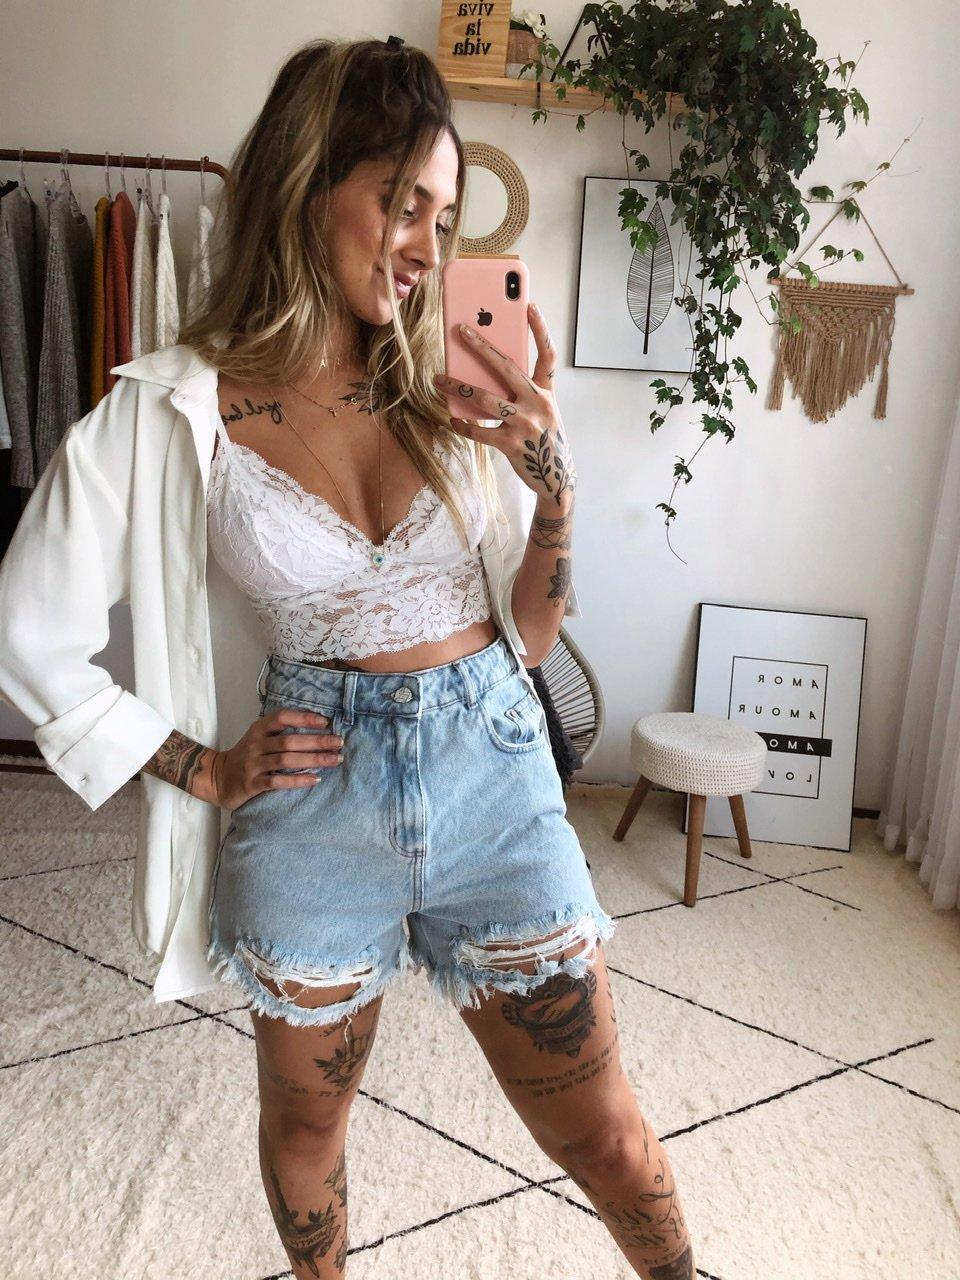 Conoce los principales modelos de pantalones cortos y como usar - Conoce los principales modelos de pantalones cortos y cómo usar cada uno